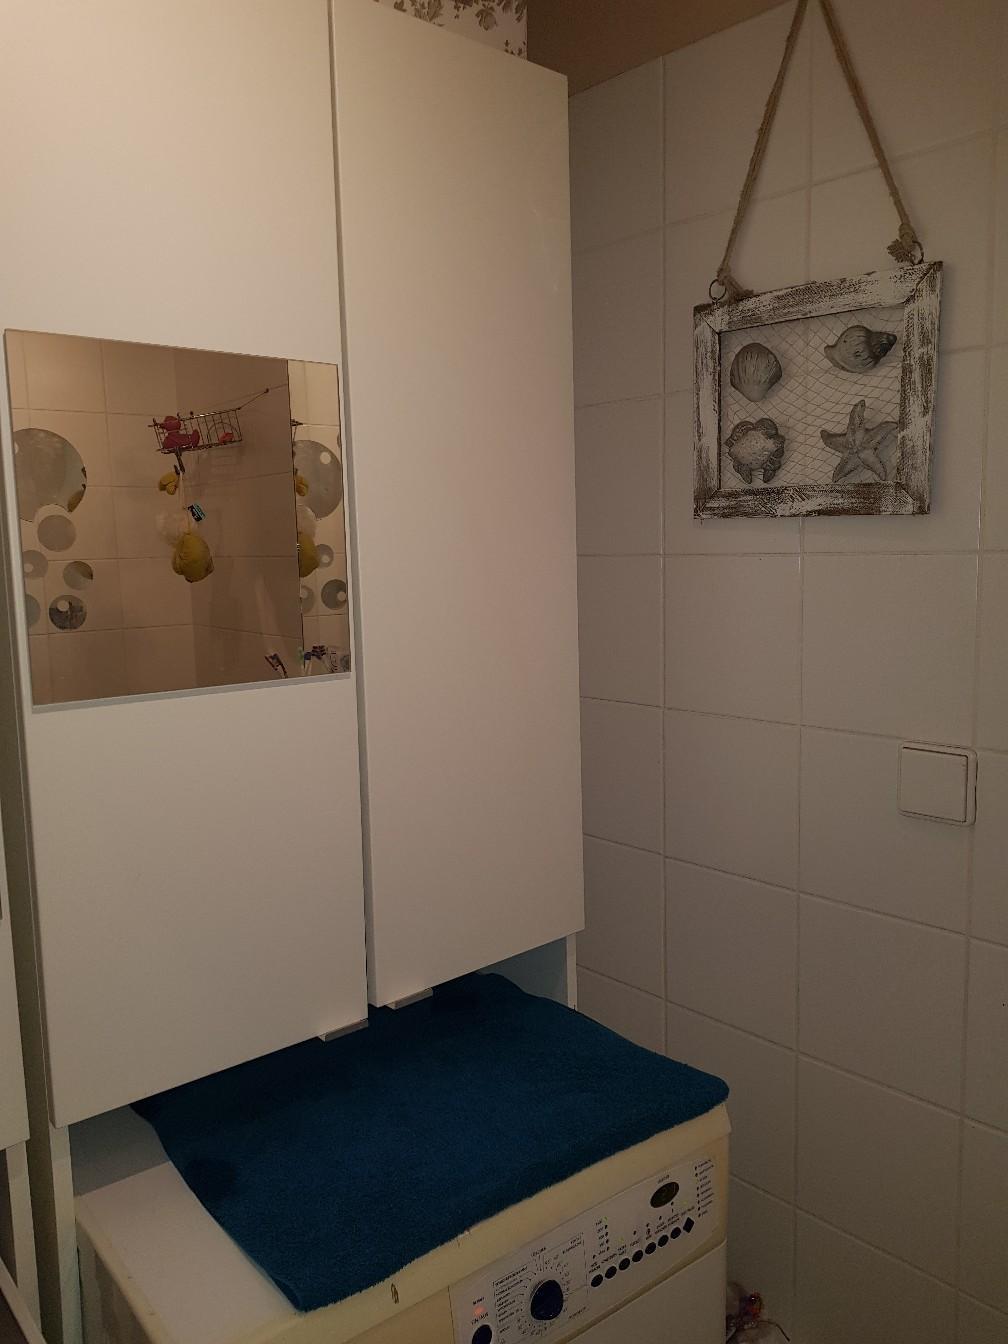 Gebraucht waschmaschinenschrank für badezimmer in hallein um